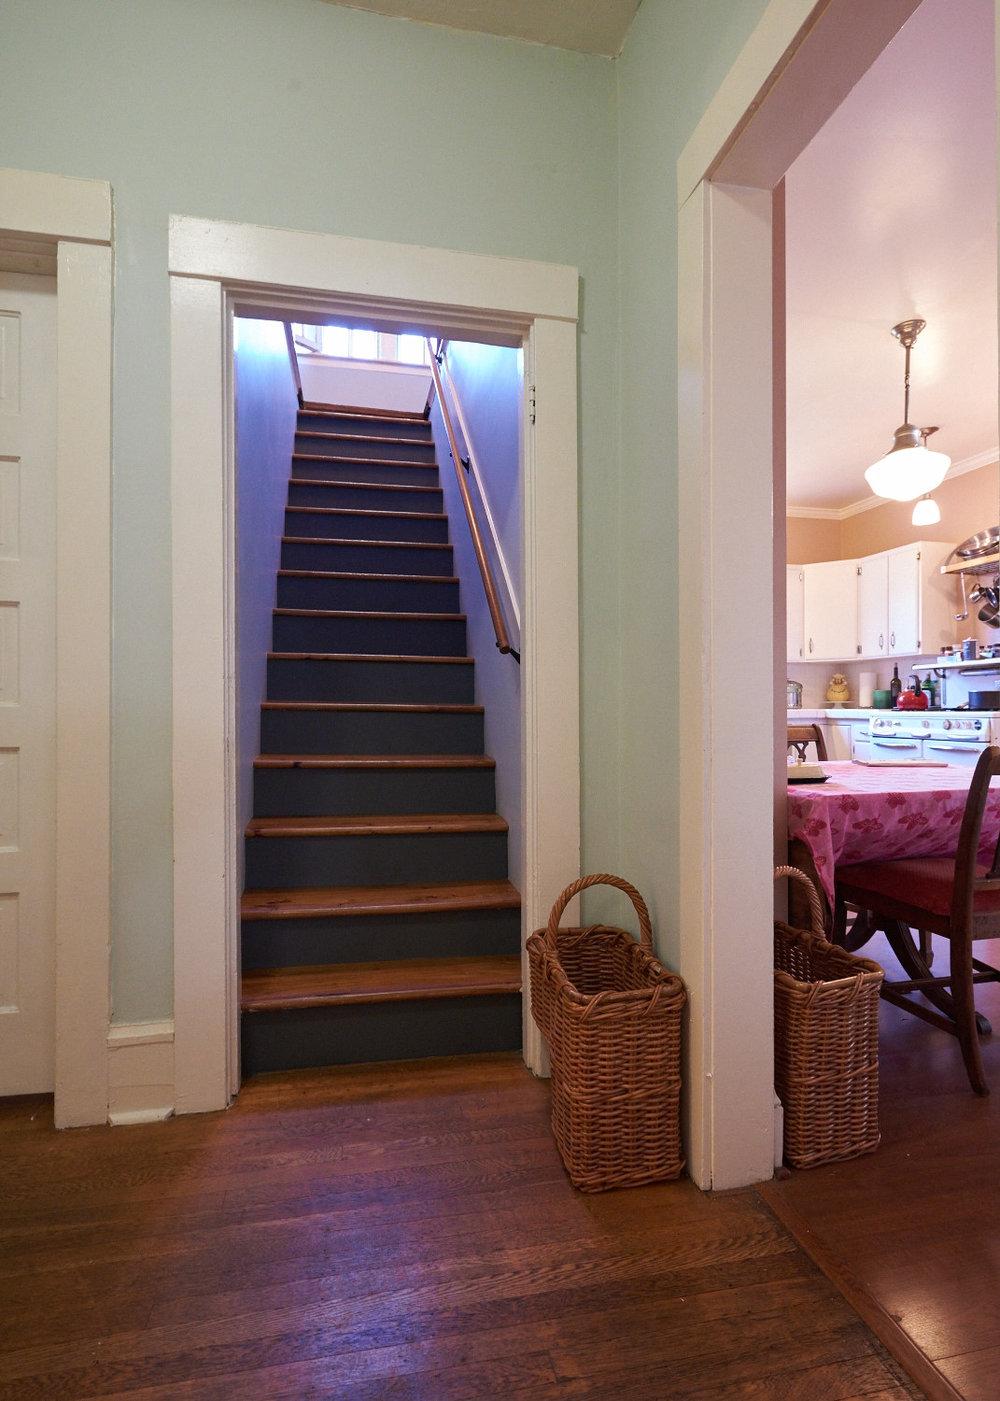 Stairs_MSP0680 1.jpg